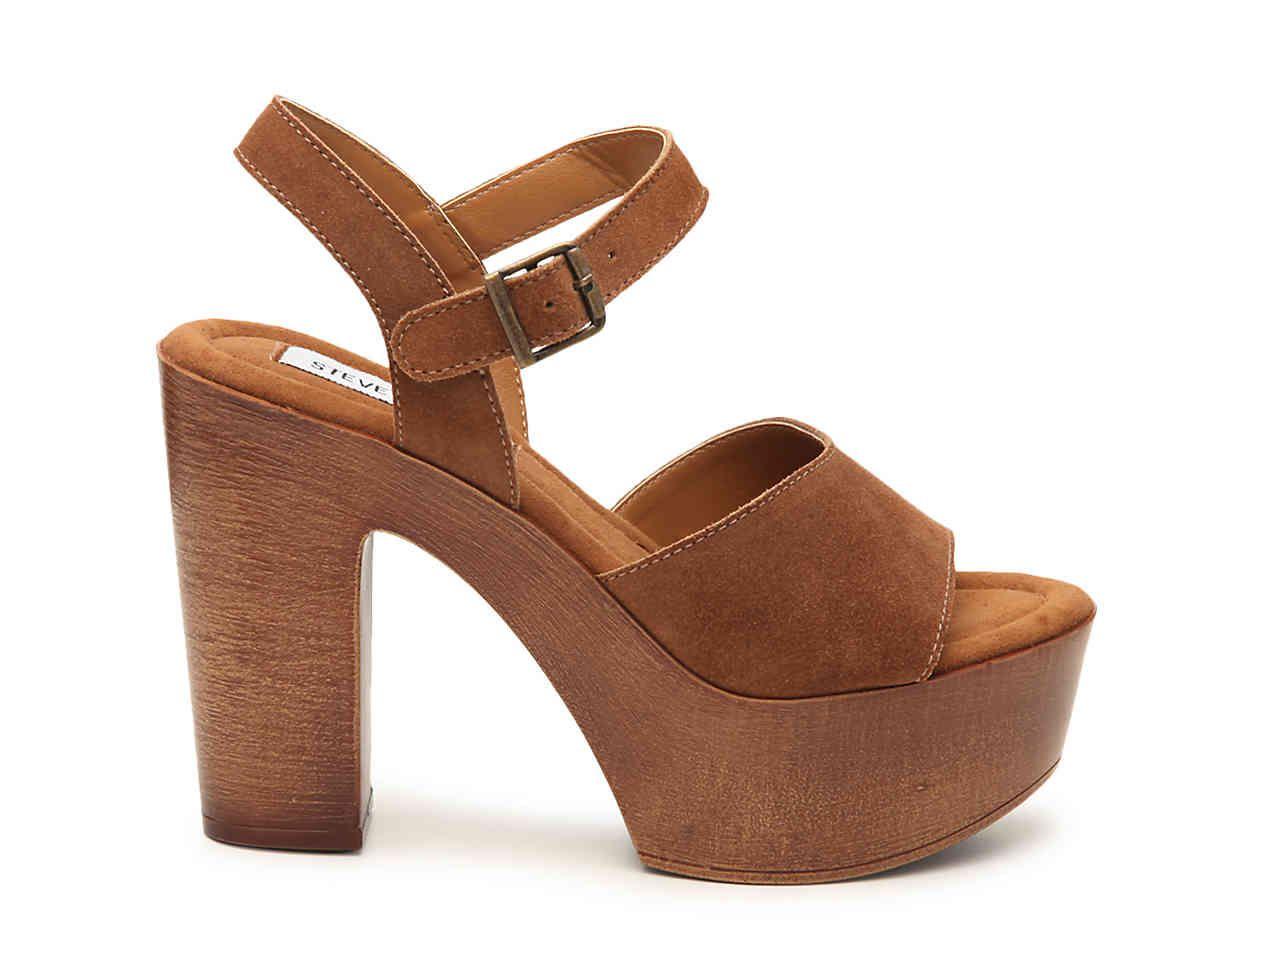 Steve Madden Clique Platform Sandal